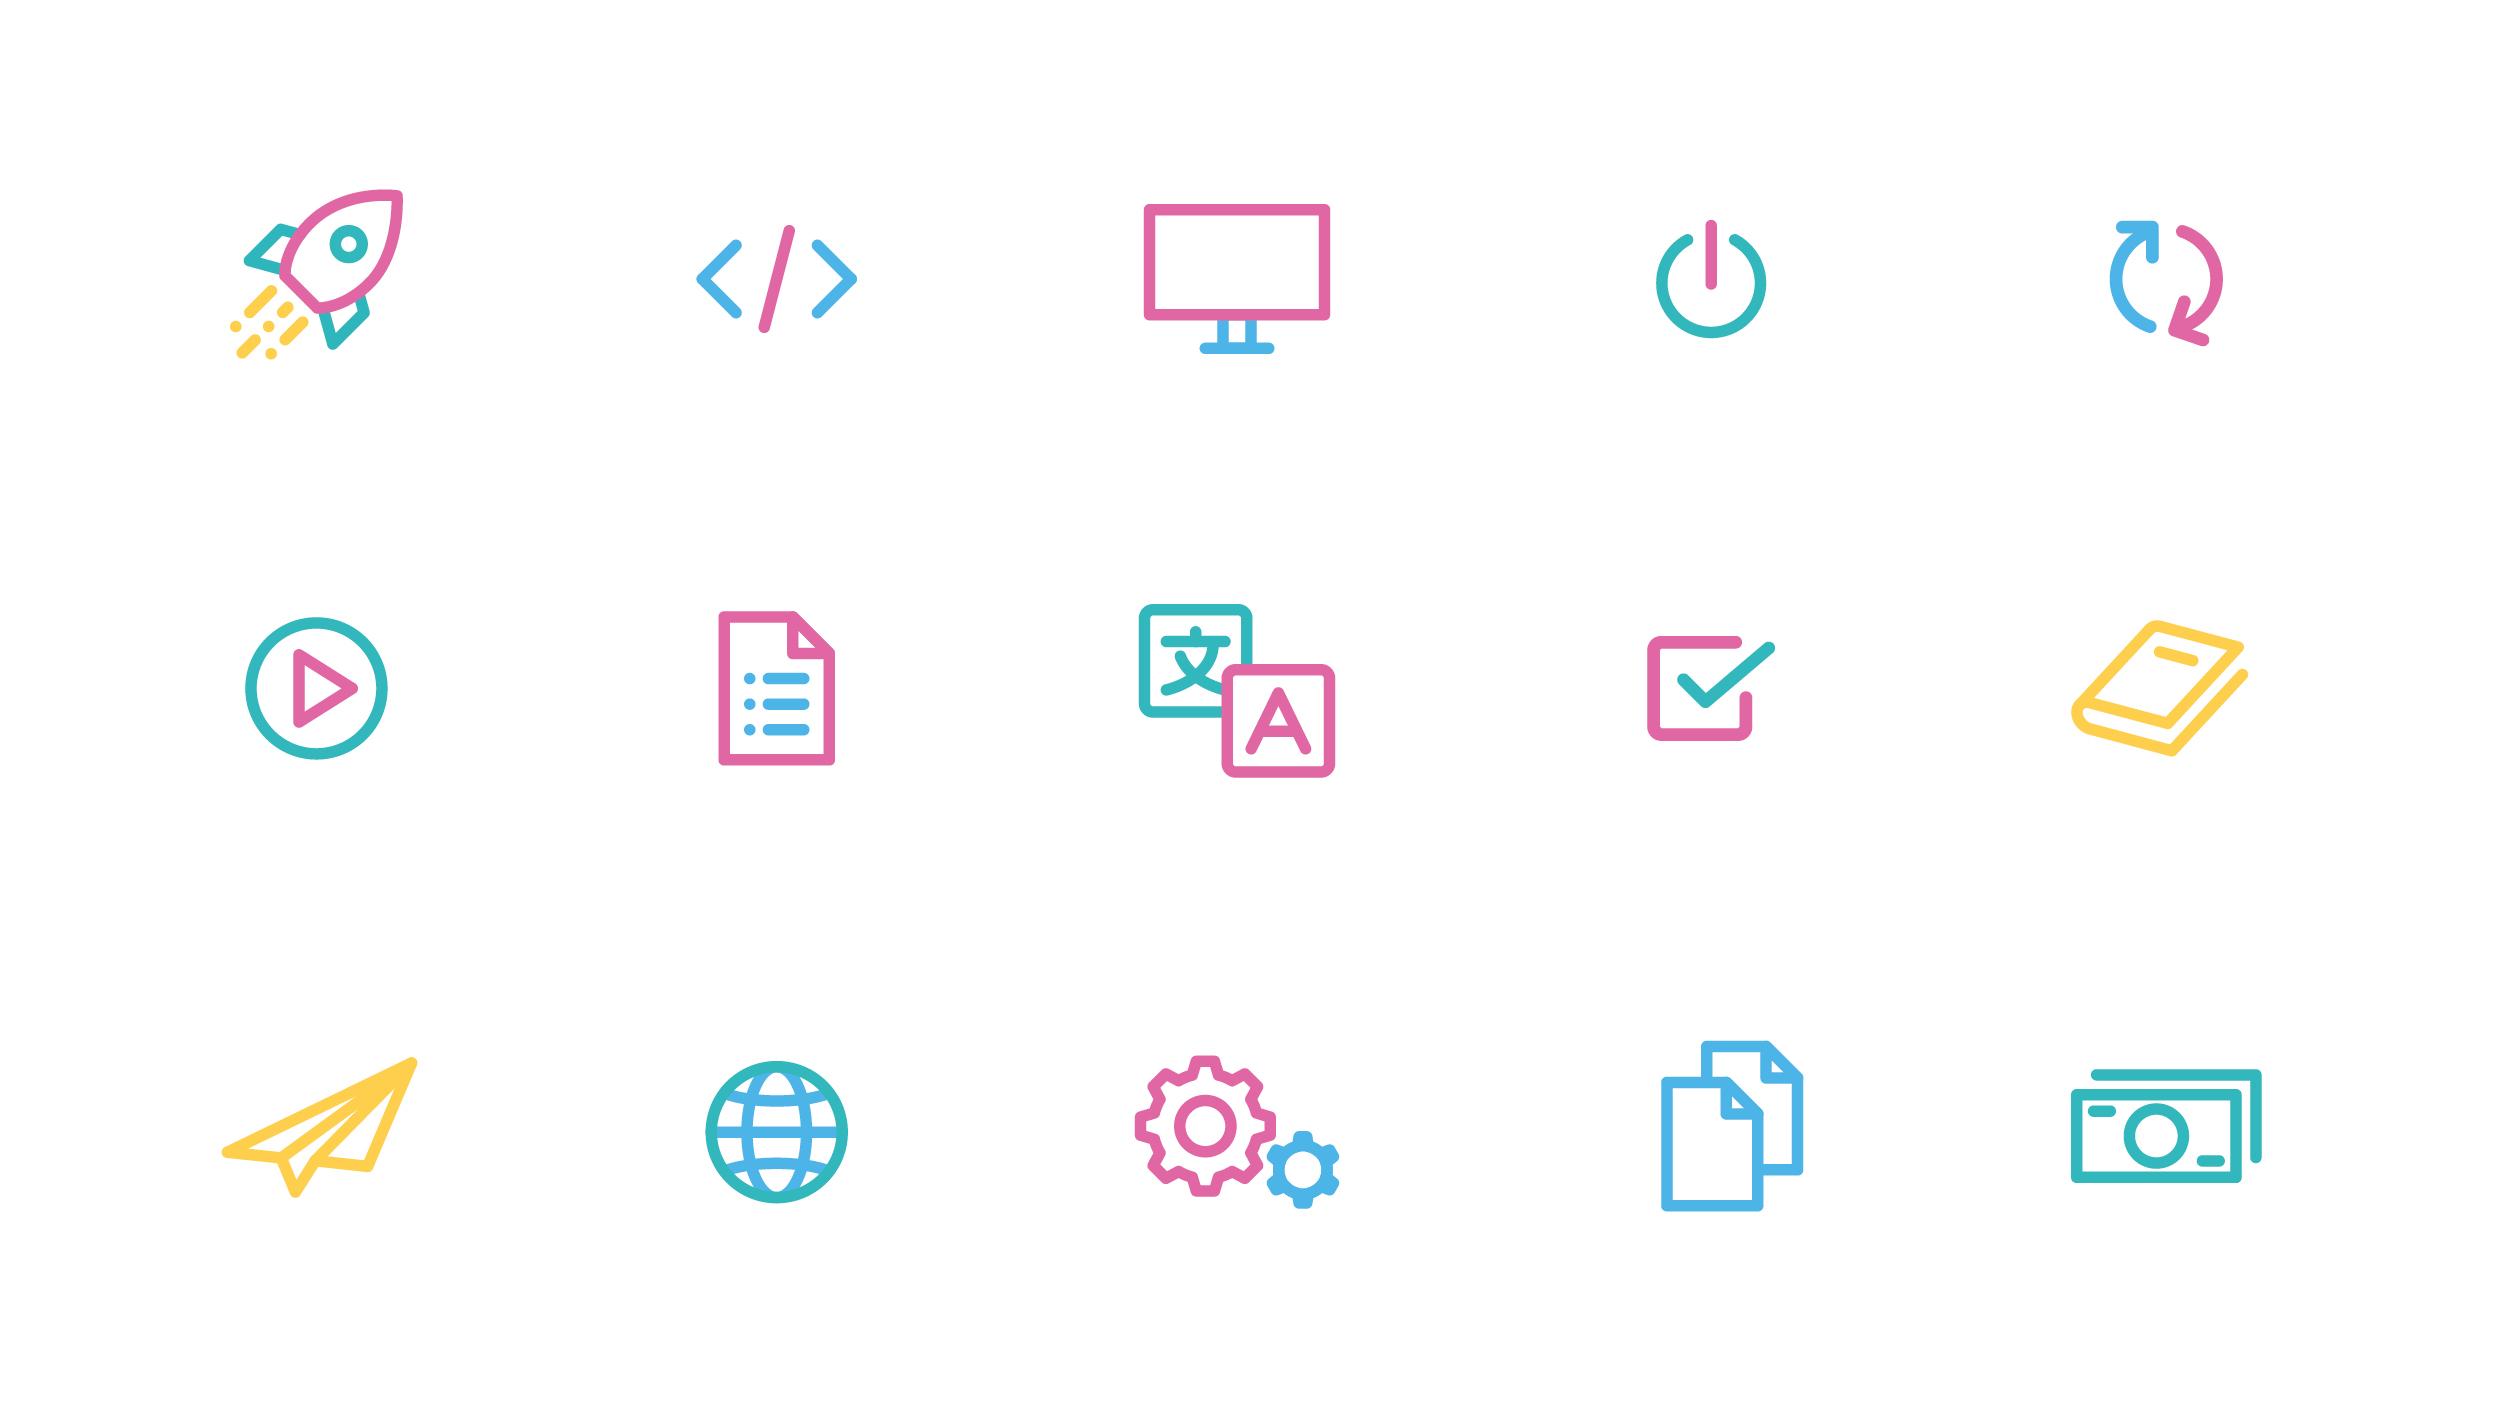 applingua-branding-illustration3.jpg